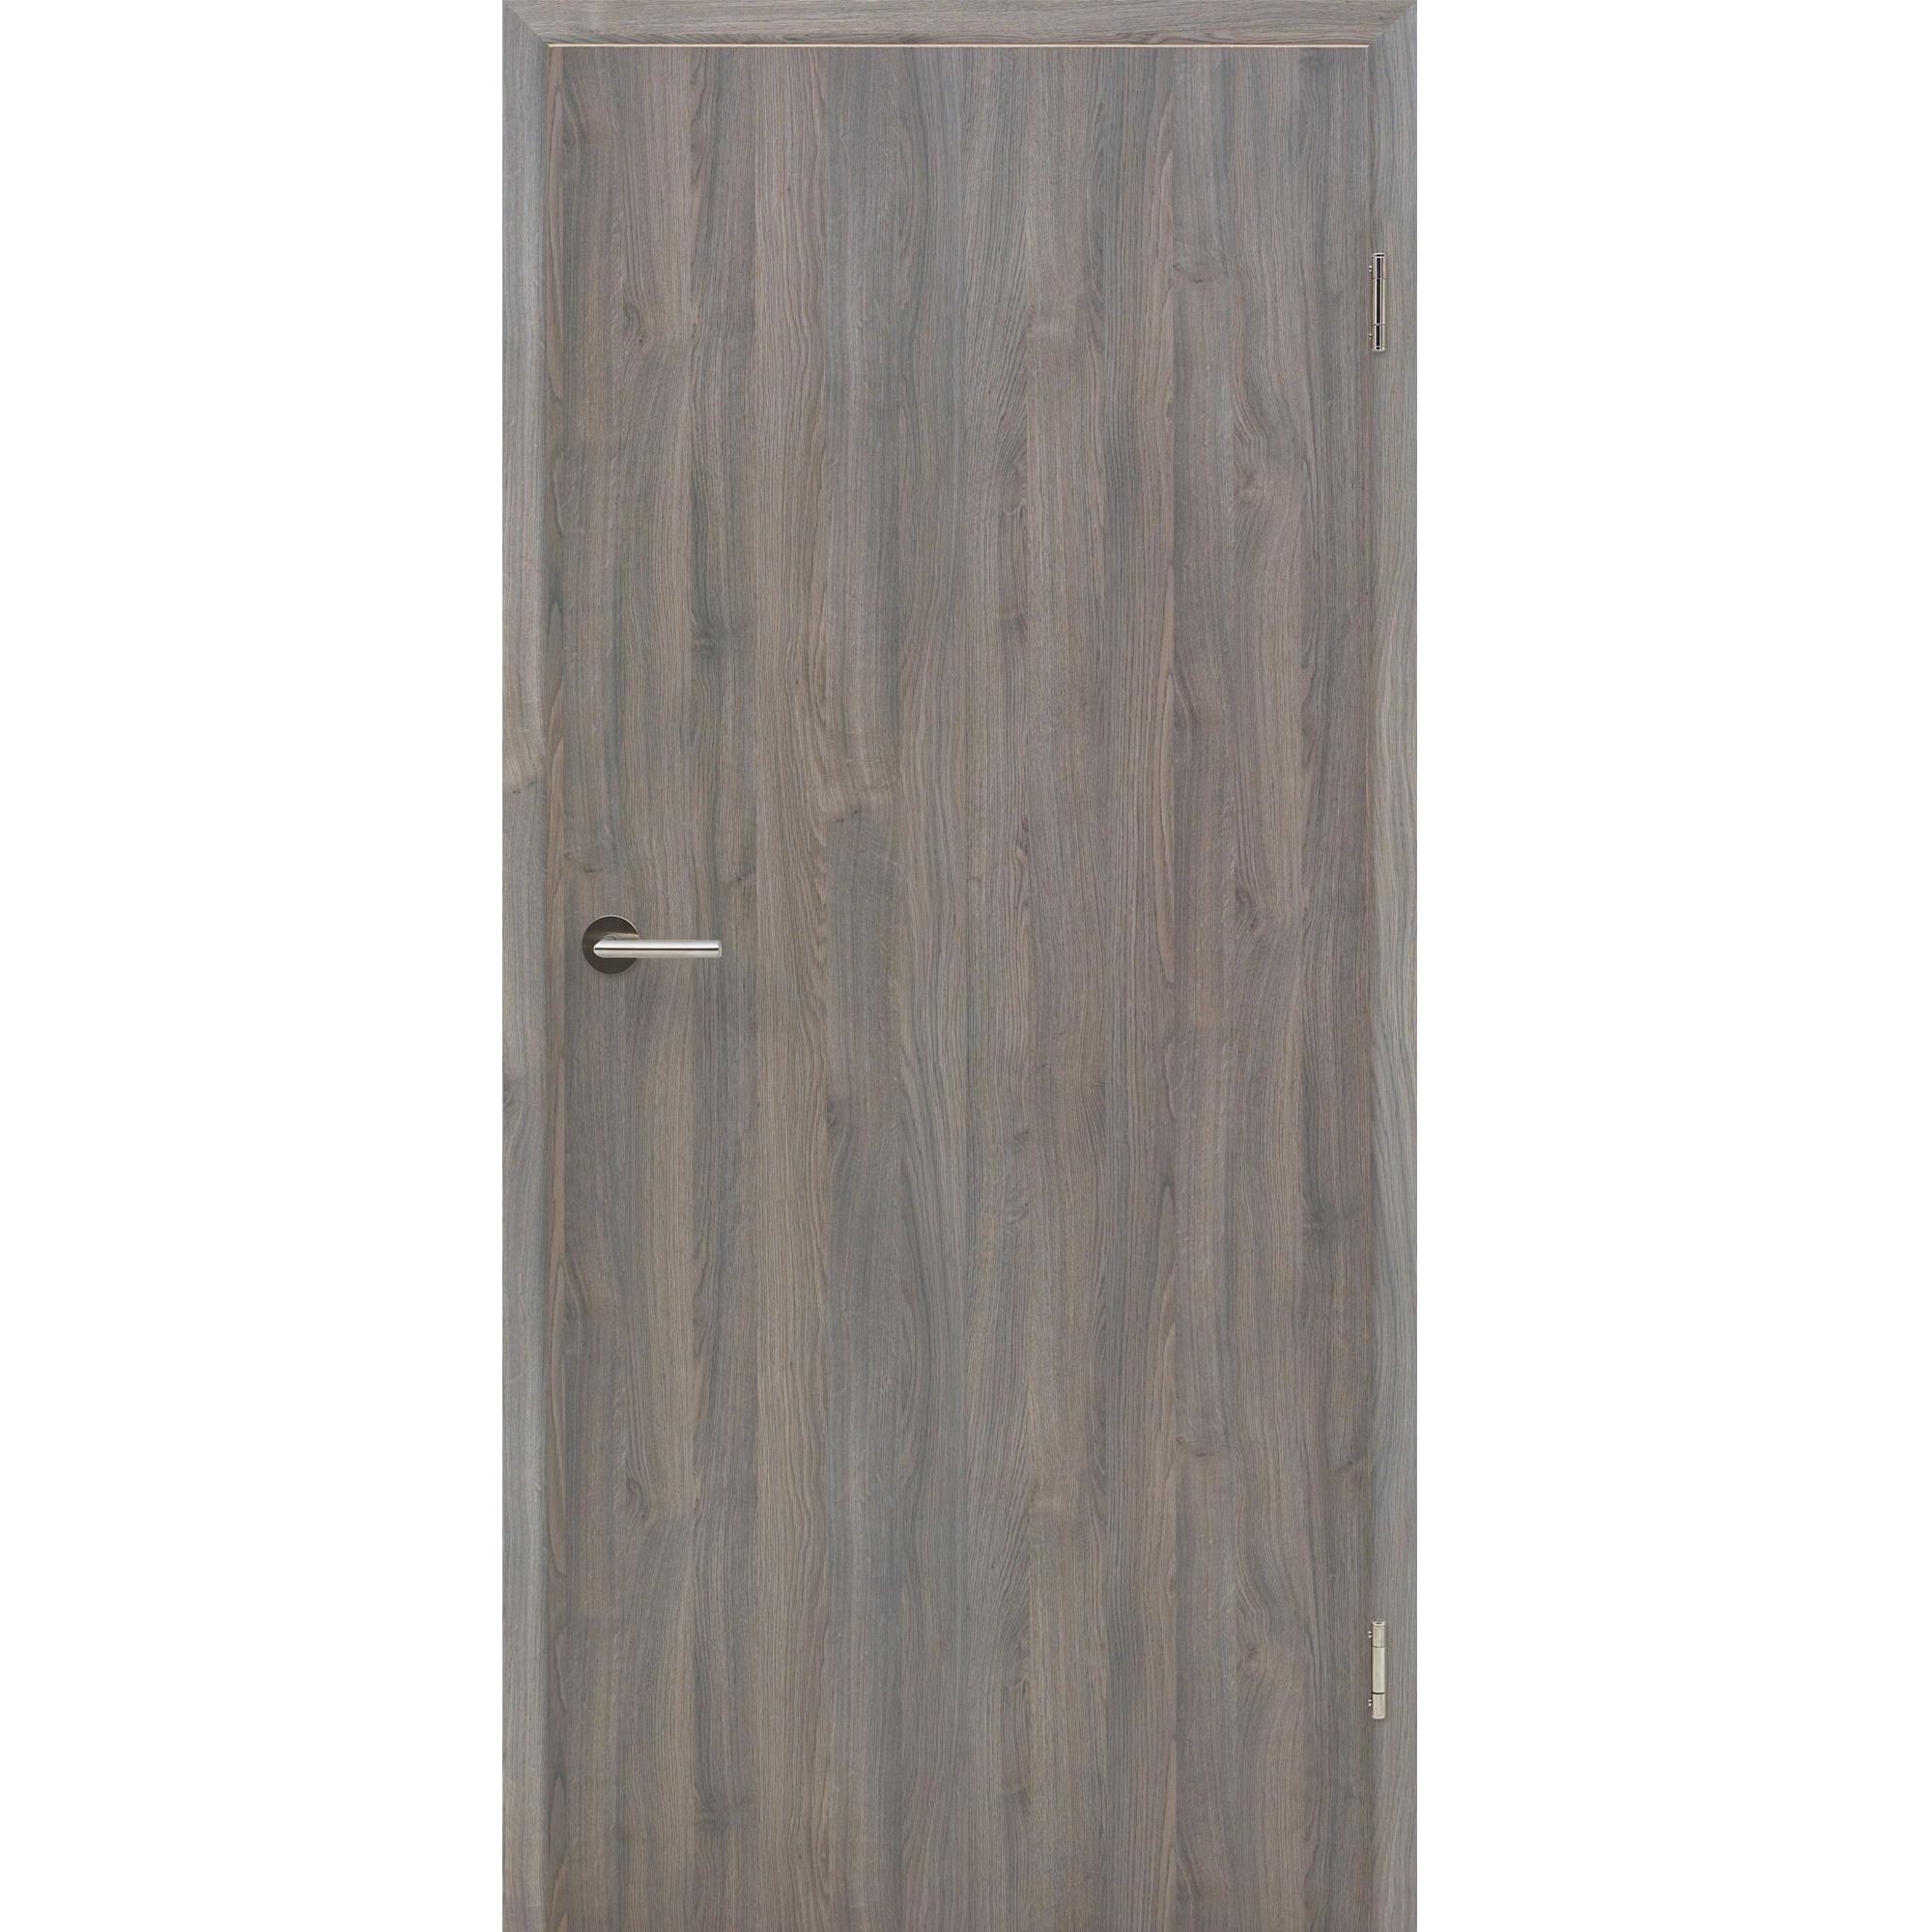 wohnungst r mit zarge cpl steineiche vollspan kkl ii 27db. Black Bedroom Furniture Sets. Home Design Ideas